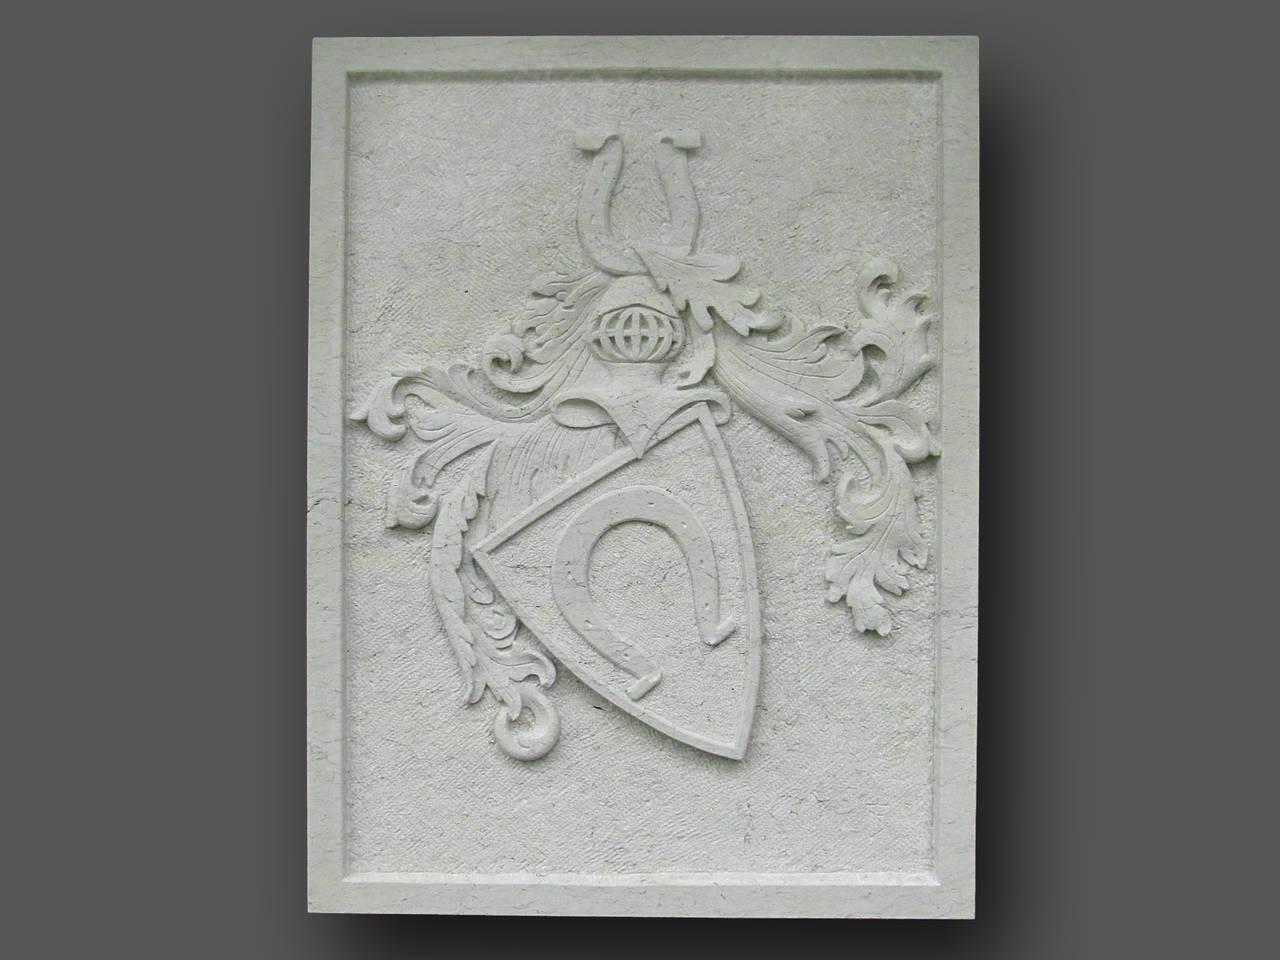 Familienwappen mit Hufeisen, Sandstein